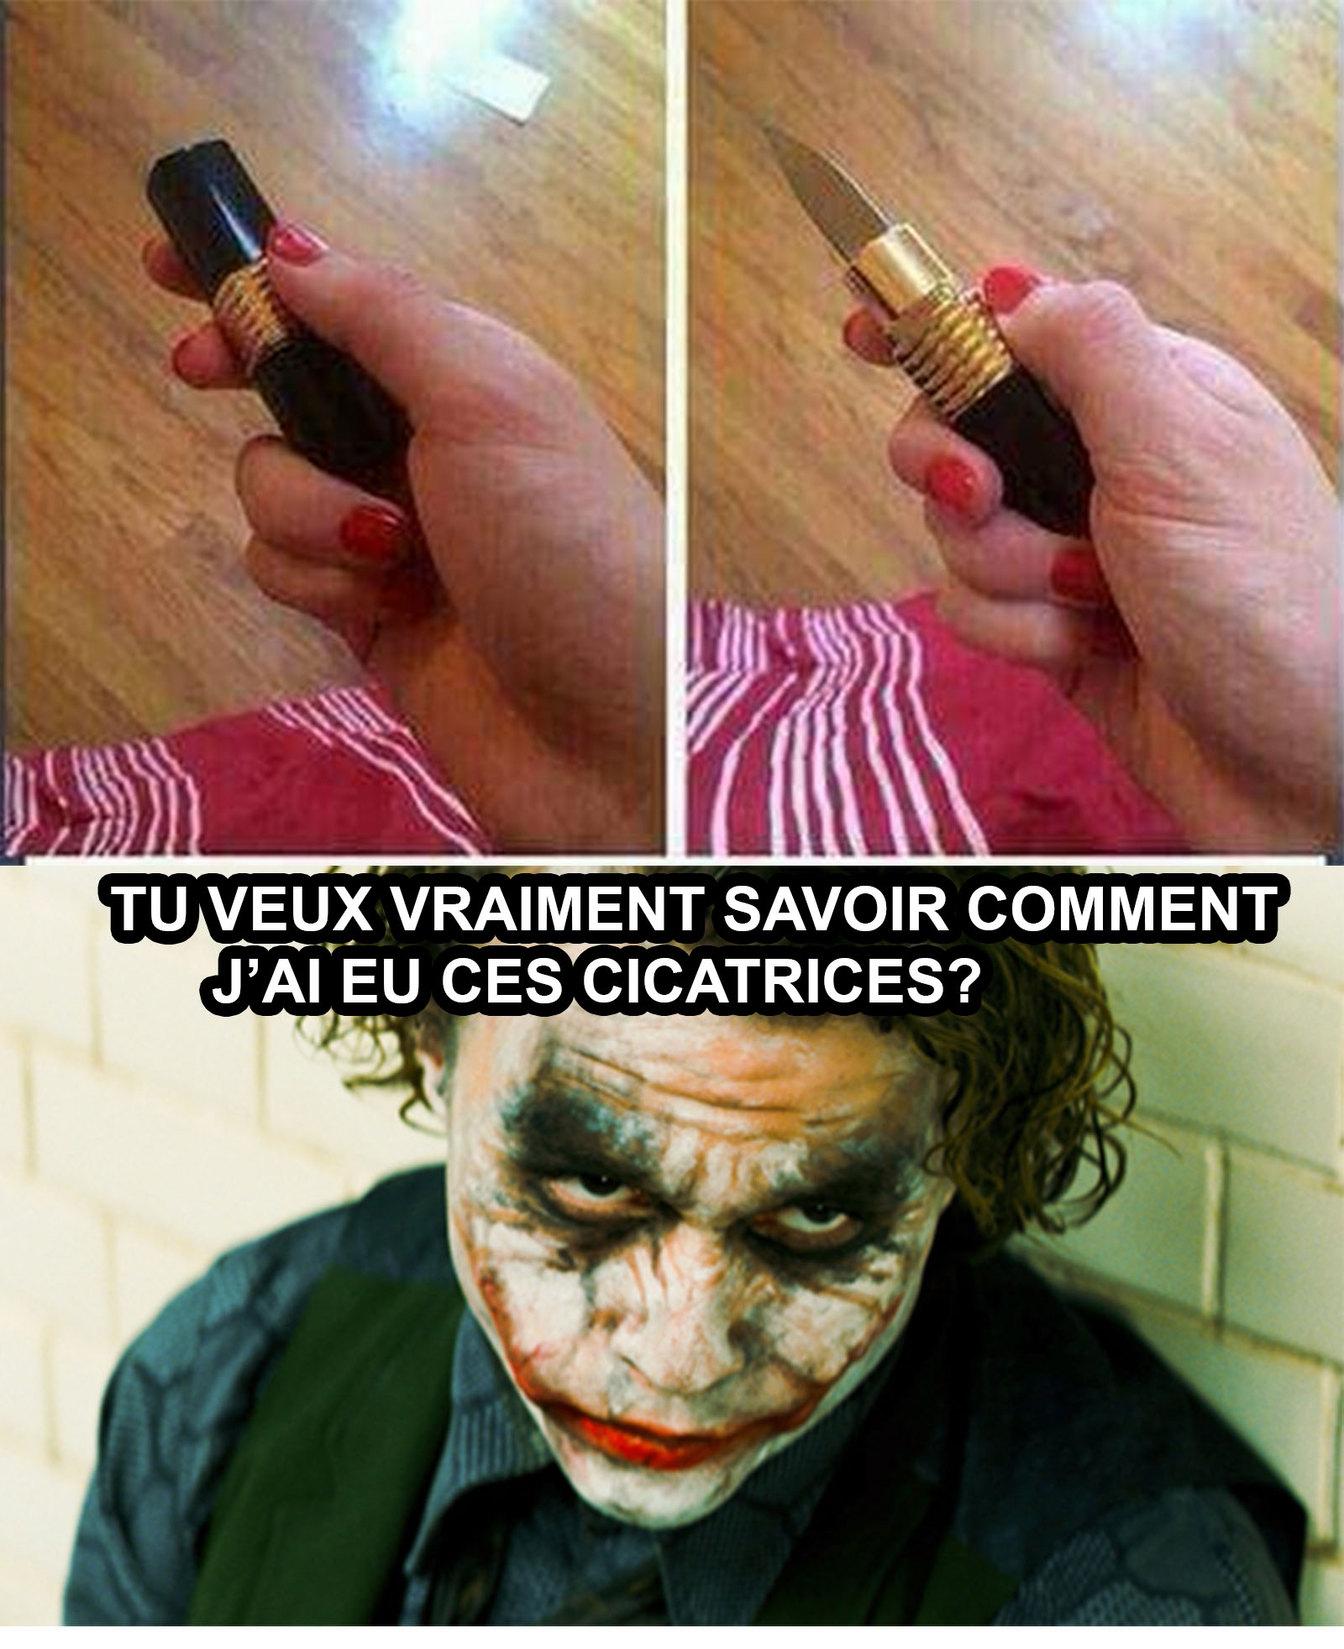 Rouge à lèvres couteau - meme